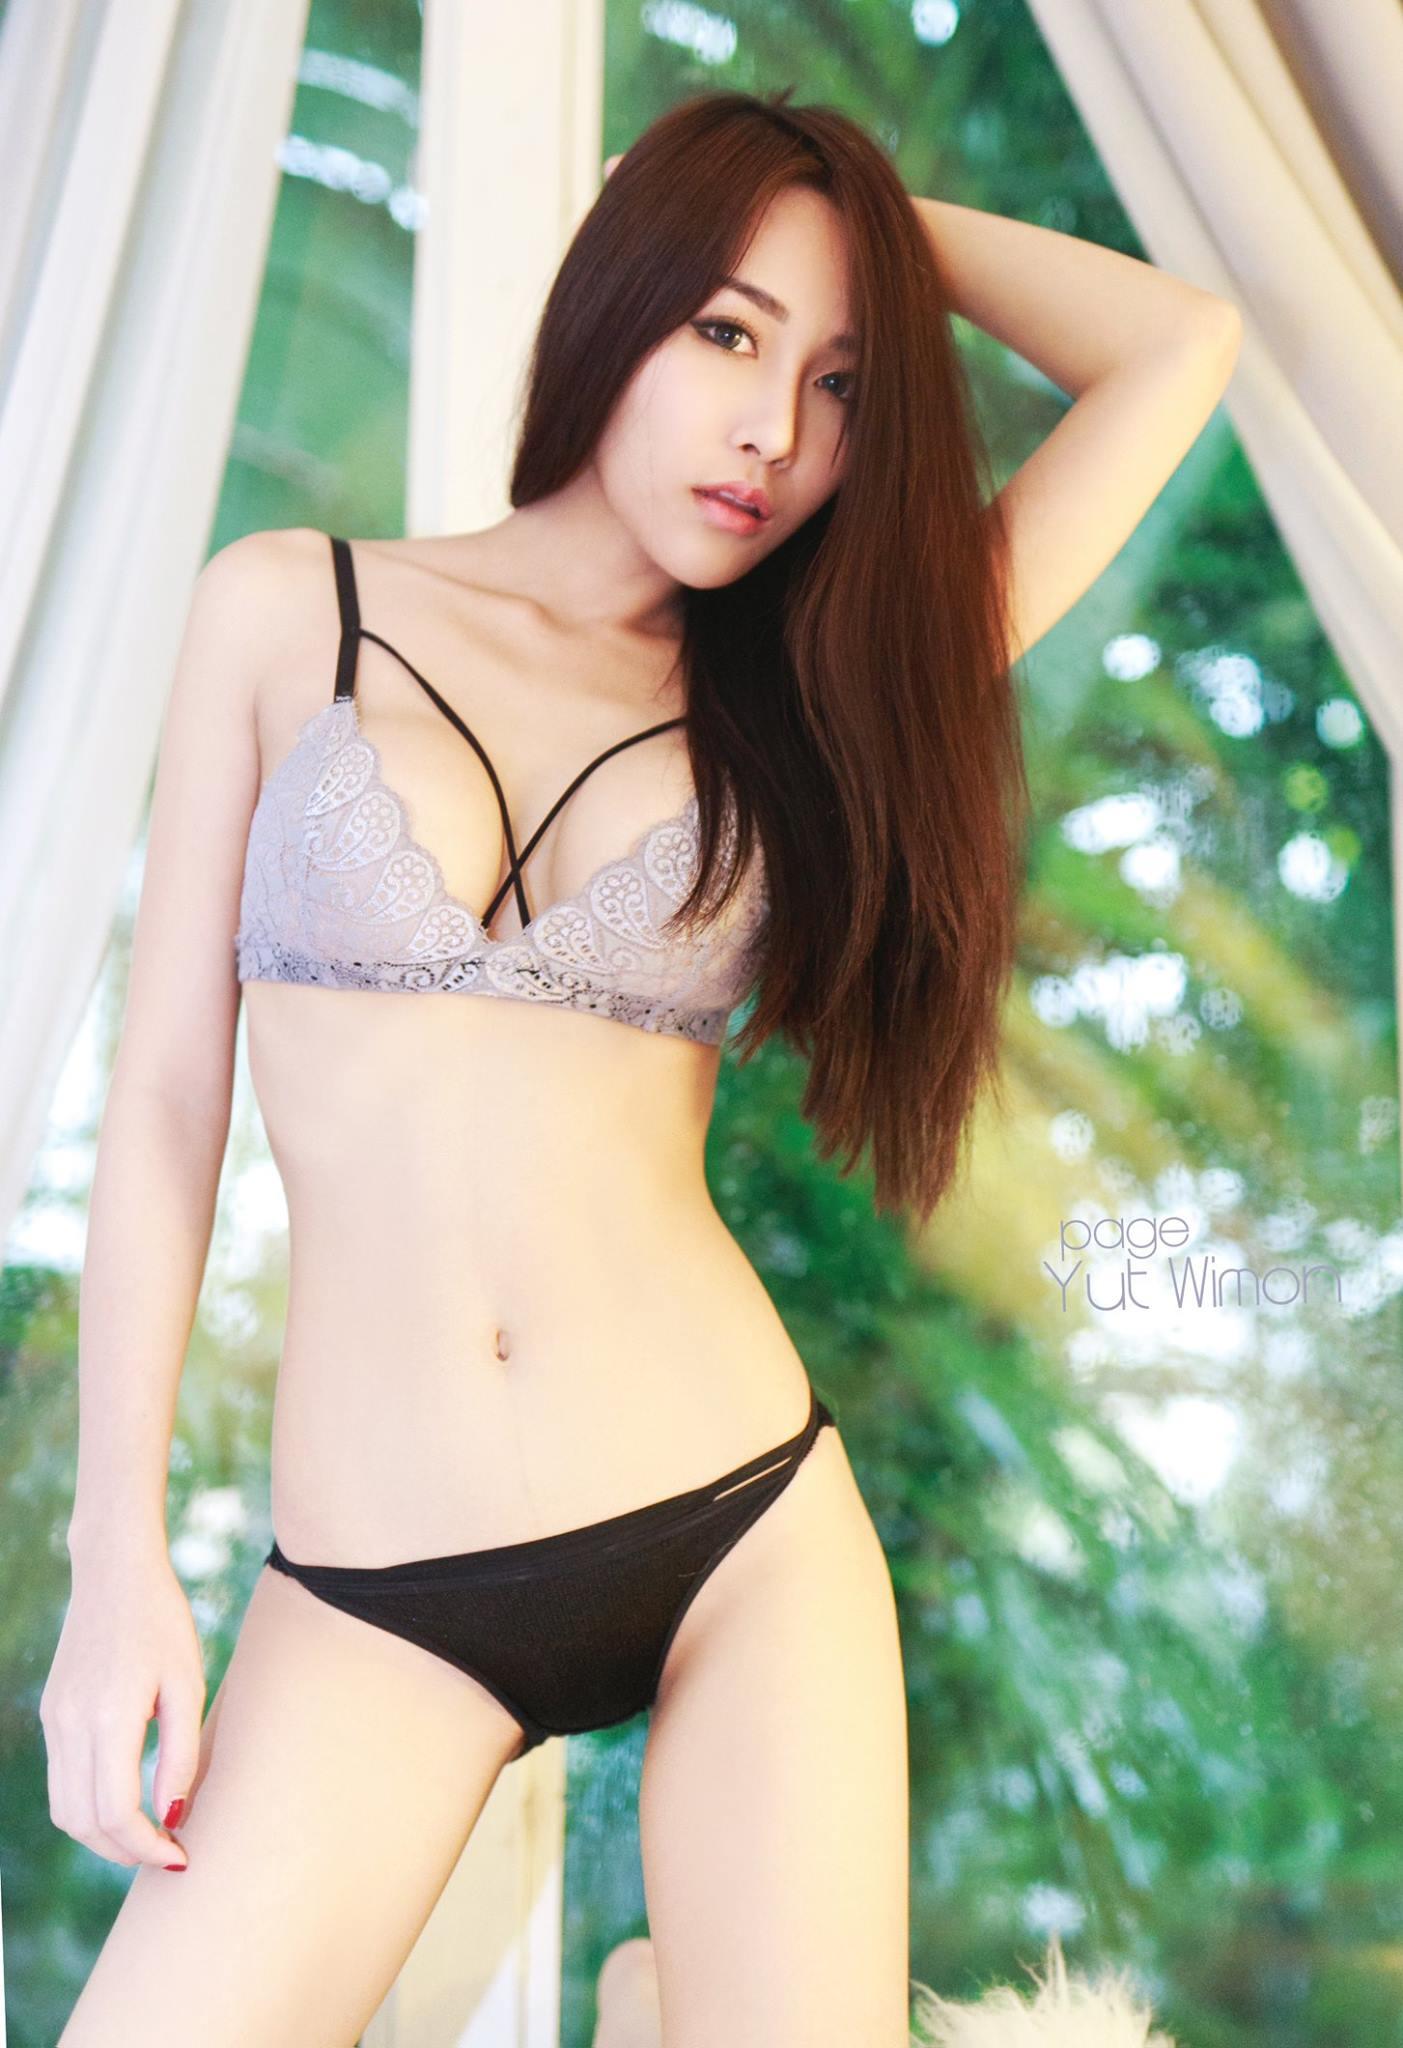 Black Strips - Chotip Jandahan